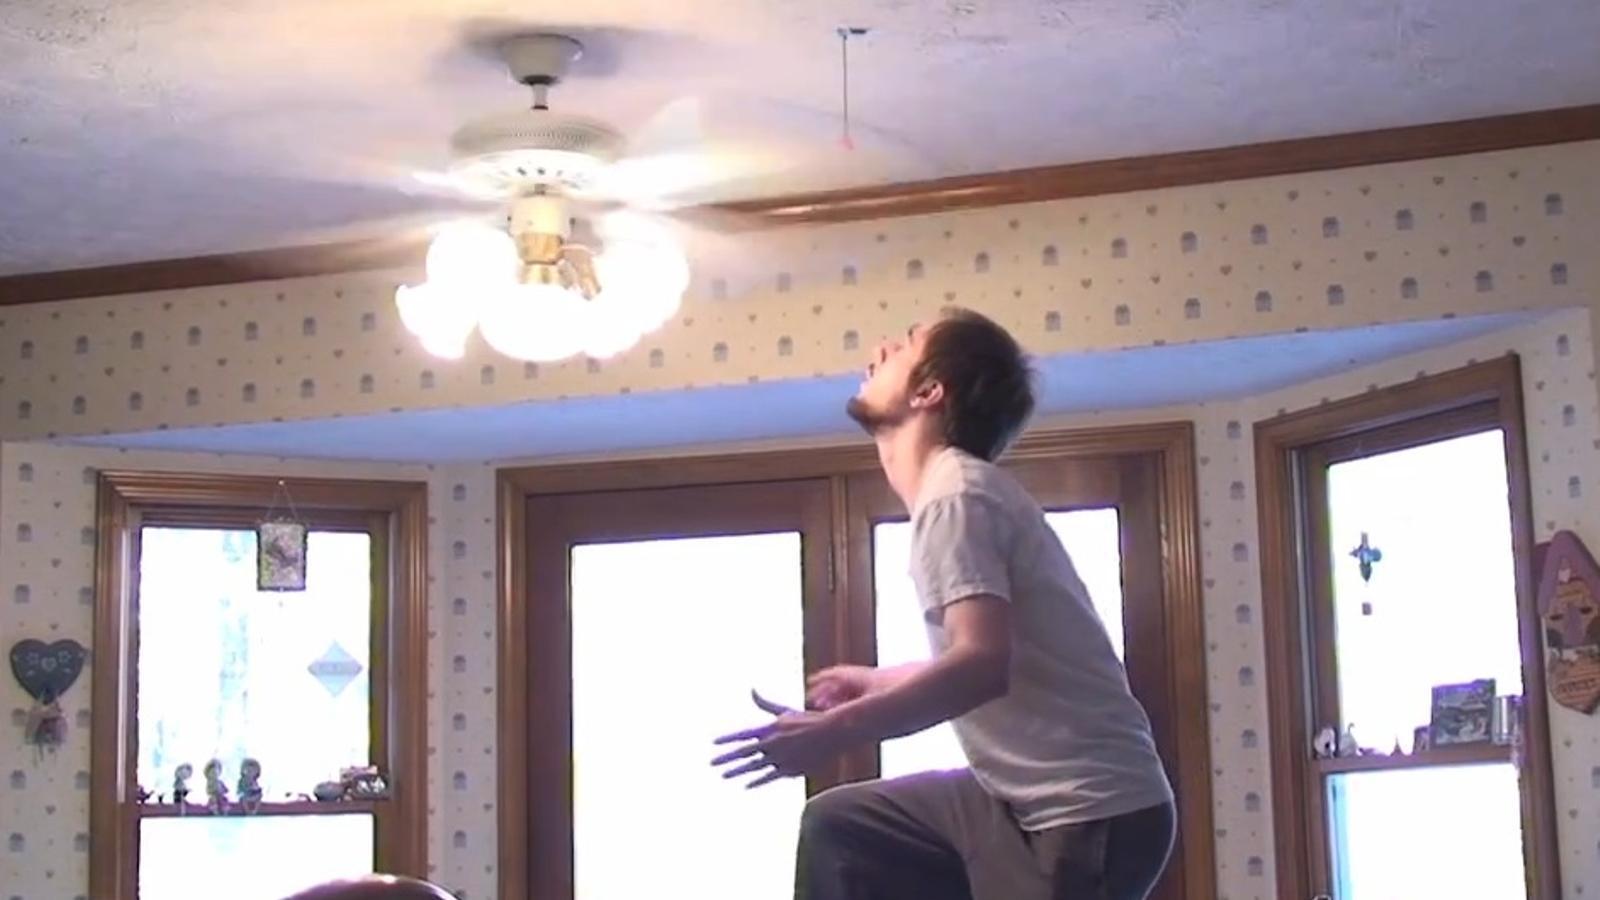 Un jove intenta esquivar les aspes d'un ventilador per caçar un tomàquet que penja del sostre